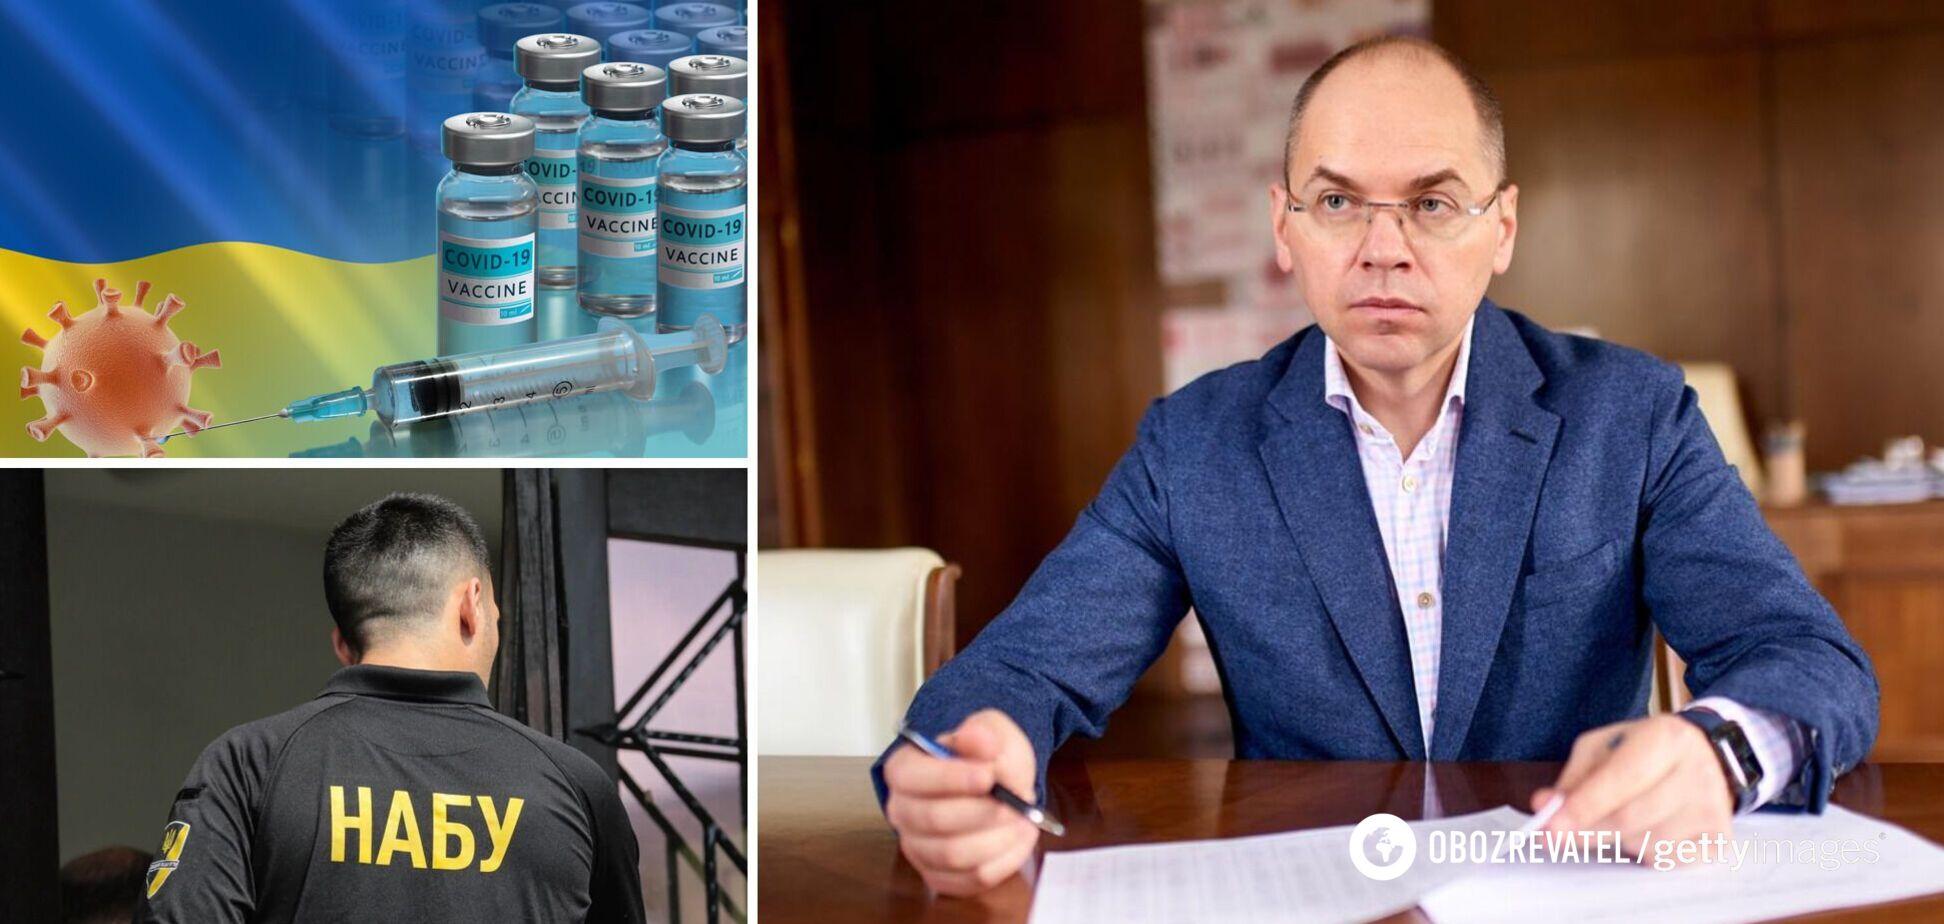 Степанов назвав справу НАБУ щодо вакцин 'інформаційною війною'